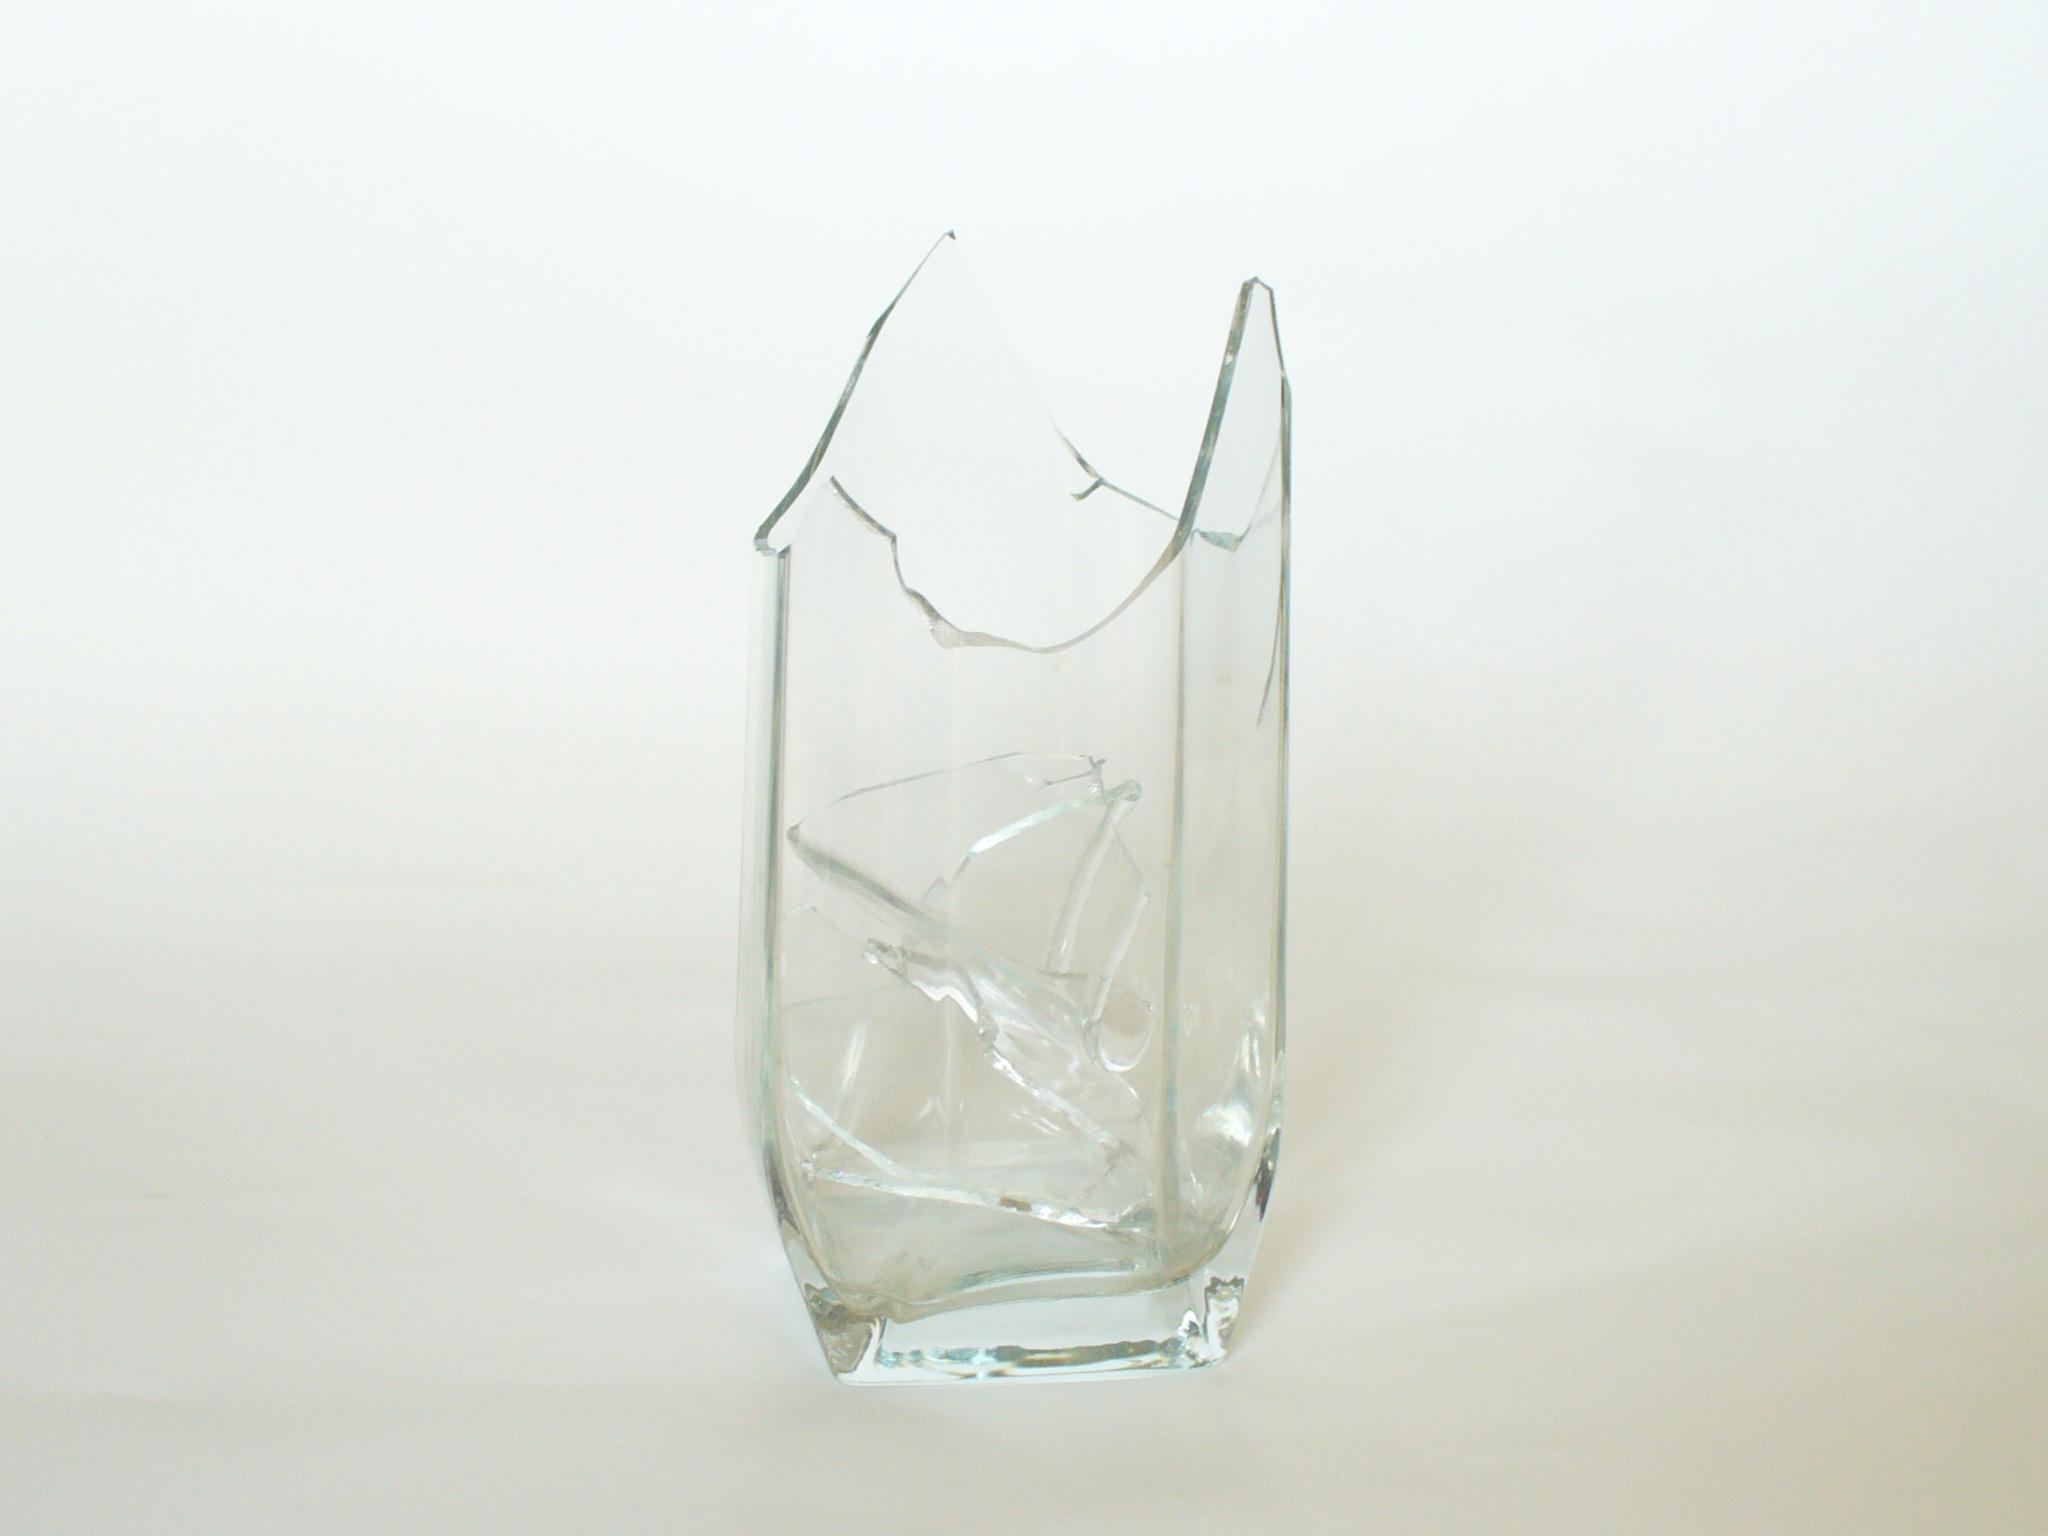 sharp glass vase broken bottle lighting tableware material glass bottle product jewellery broken glass crystal fragile - Broken Glass Vase